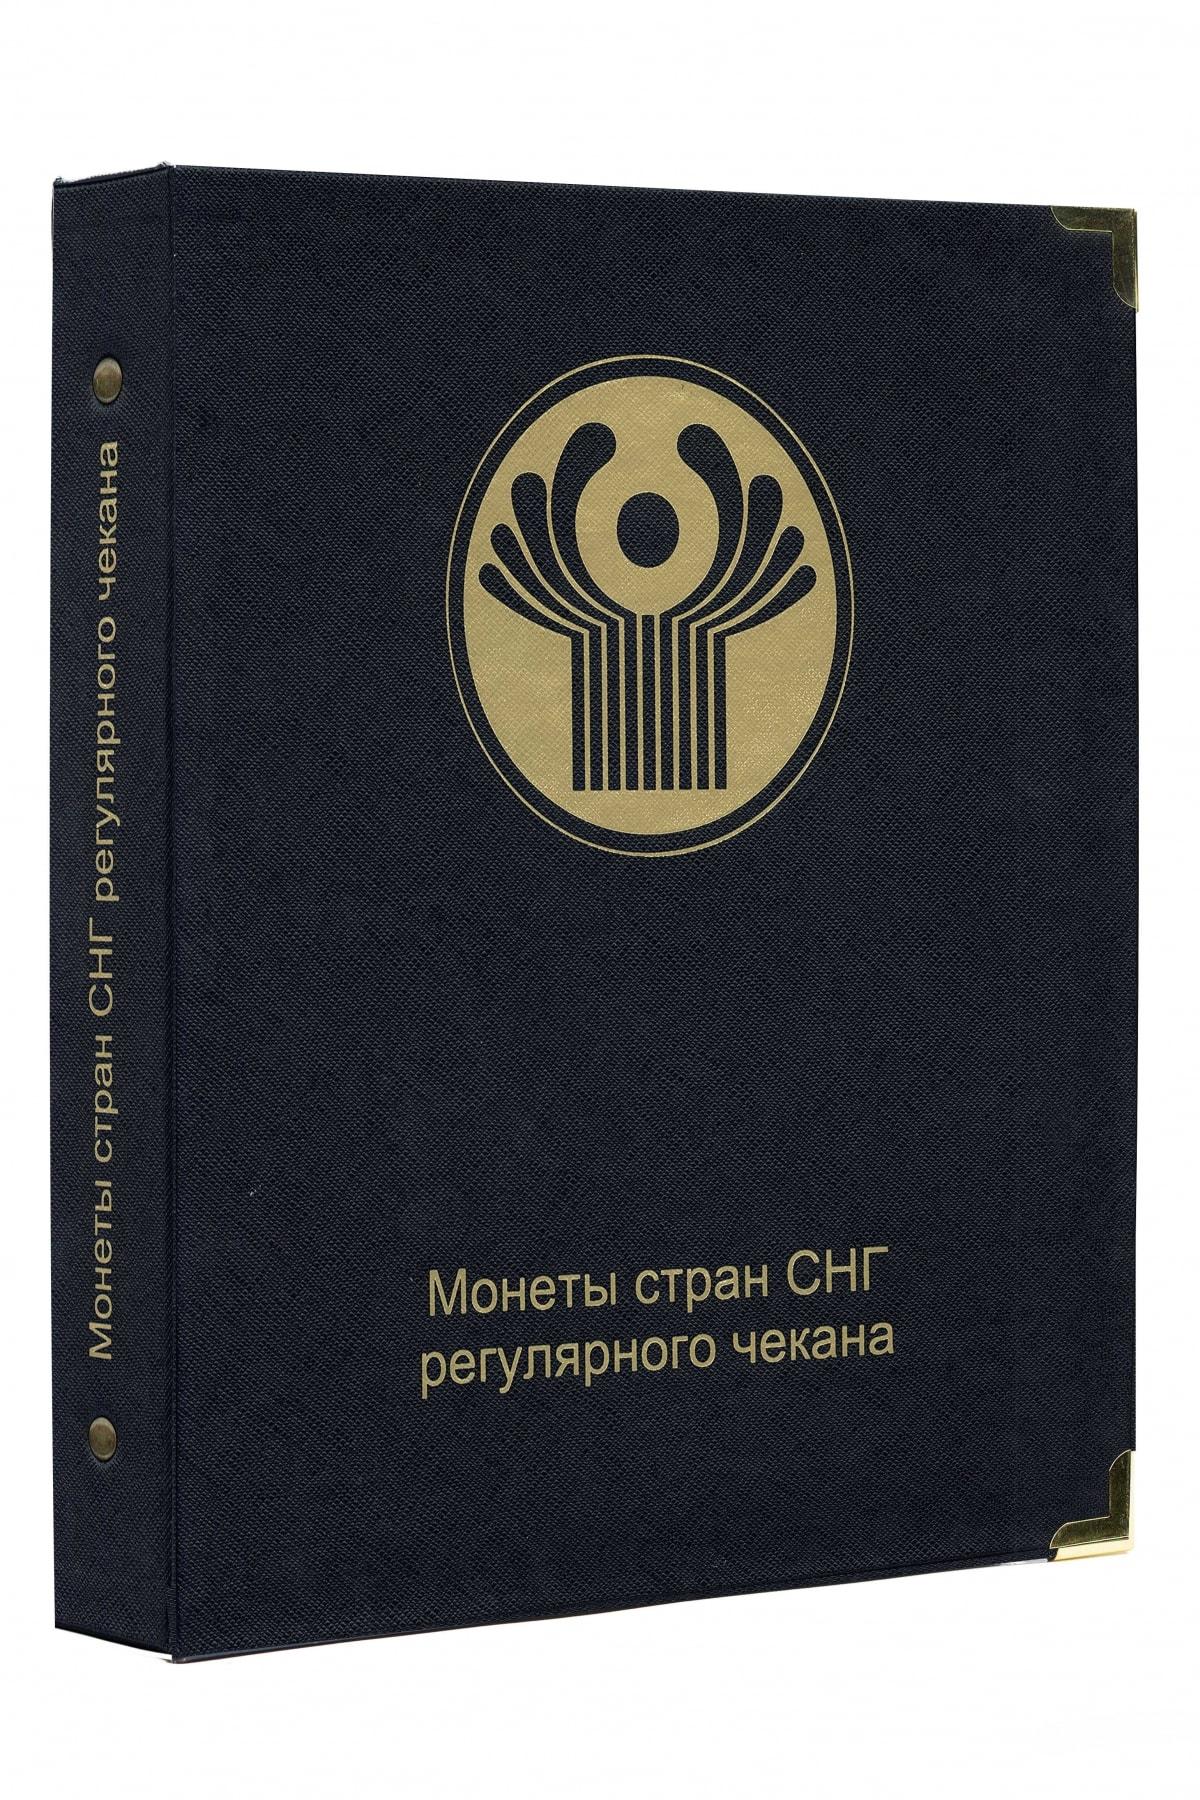 Альбомы снг 10 рублей министерства unc